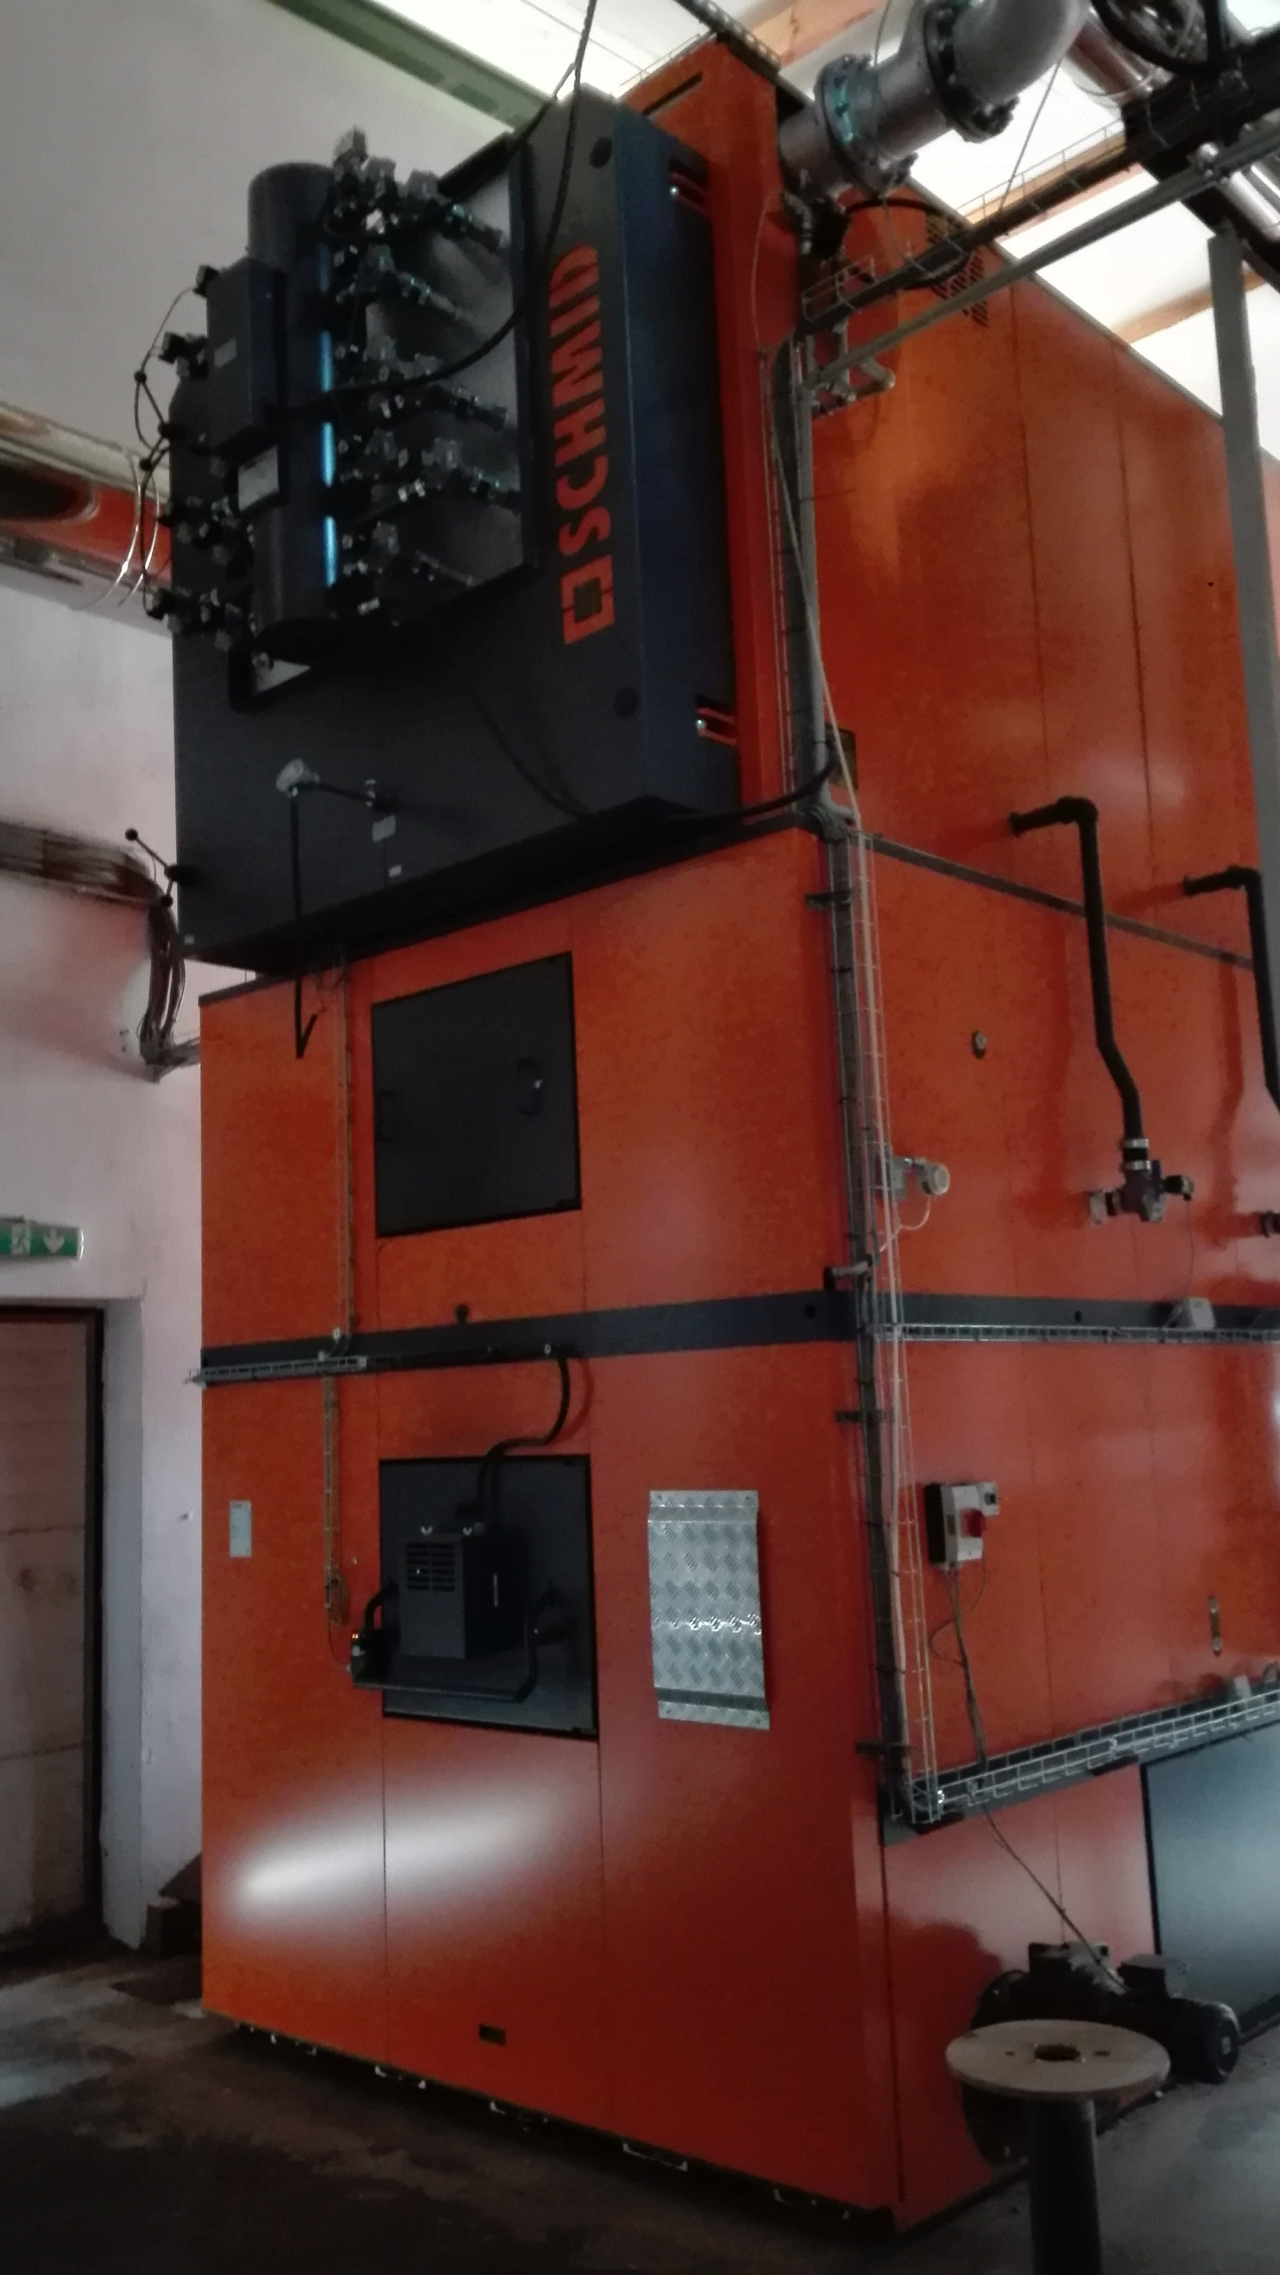 Zdjęcie główne #1068 - GAMBEX - zakład produkcyjny branży drzewnej